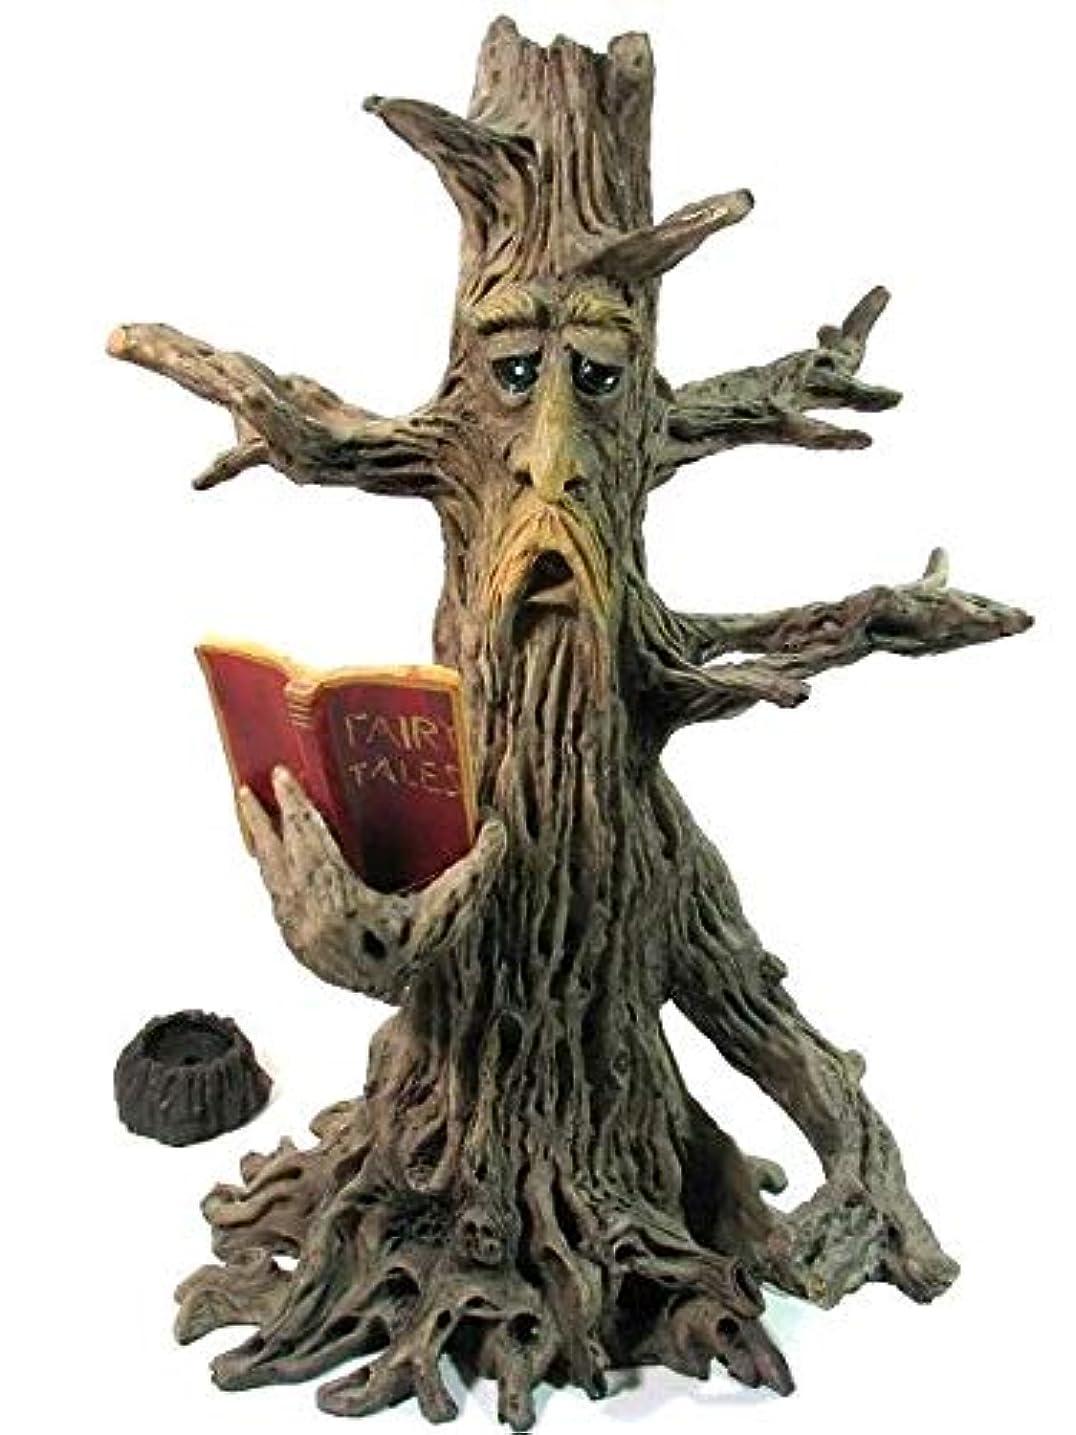 洗練されたクリケット亜熱帯[INCENSE GOODS(インセンスグッズ)] TREE MAN READING BOOK INCENSE BURNER 木の精香立